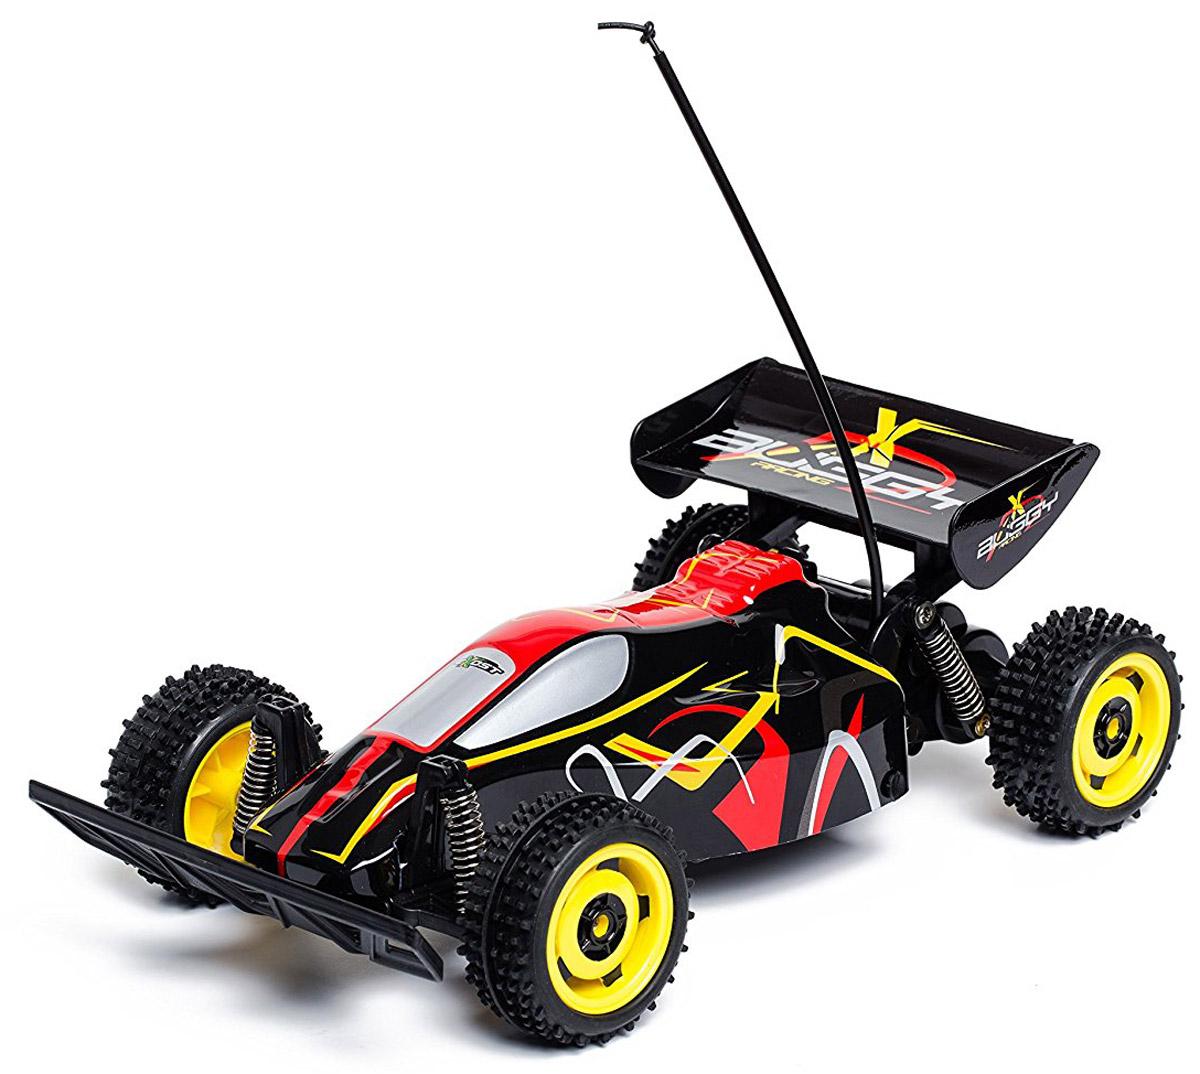 Silverlit Машина на радиоуправлении Buggy RacingTE104Машинка на радиоуправлении Silverlit Buggy Racing обязательно доставит мальчику море удовольствия, ведь он сможет управлять собственной гоночной машиной. Гоночный багги в масштабе 1:18 может разгоняться до 9 км/ч. Радиус действия пульта управления - до 25 метров. Пульт управления автомобилем пистолетного типа, его удобно держать в одной руке. Рулевое колесо управляет направлением движения модели, а курок - ее двигателем и тормозами. Для работы машины необходимы 4 батарейки типа АА напряжением 1,5V (товар комплектуется демонстрационными). Для работы пульта управления необходимы 2 батарейки типа АА напряжением 1,5V (товар комплектуется демонстрационными).